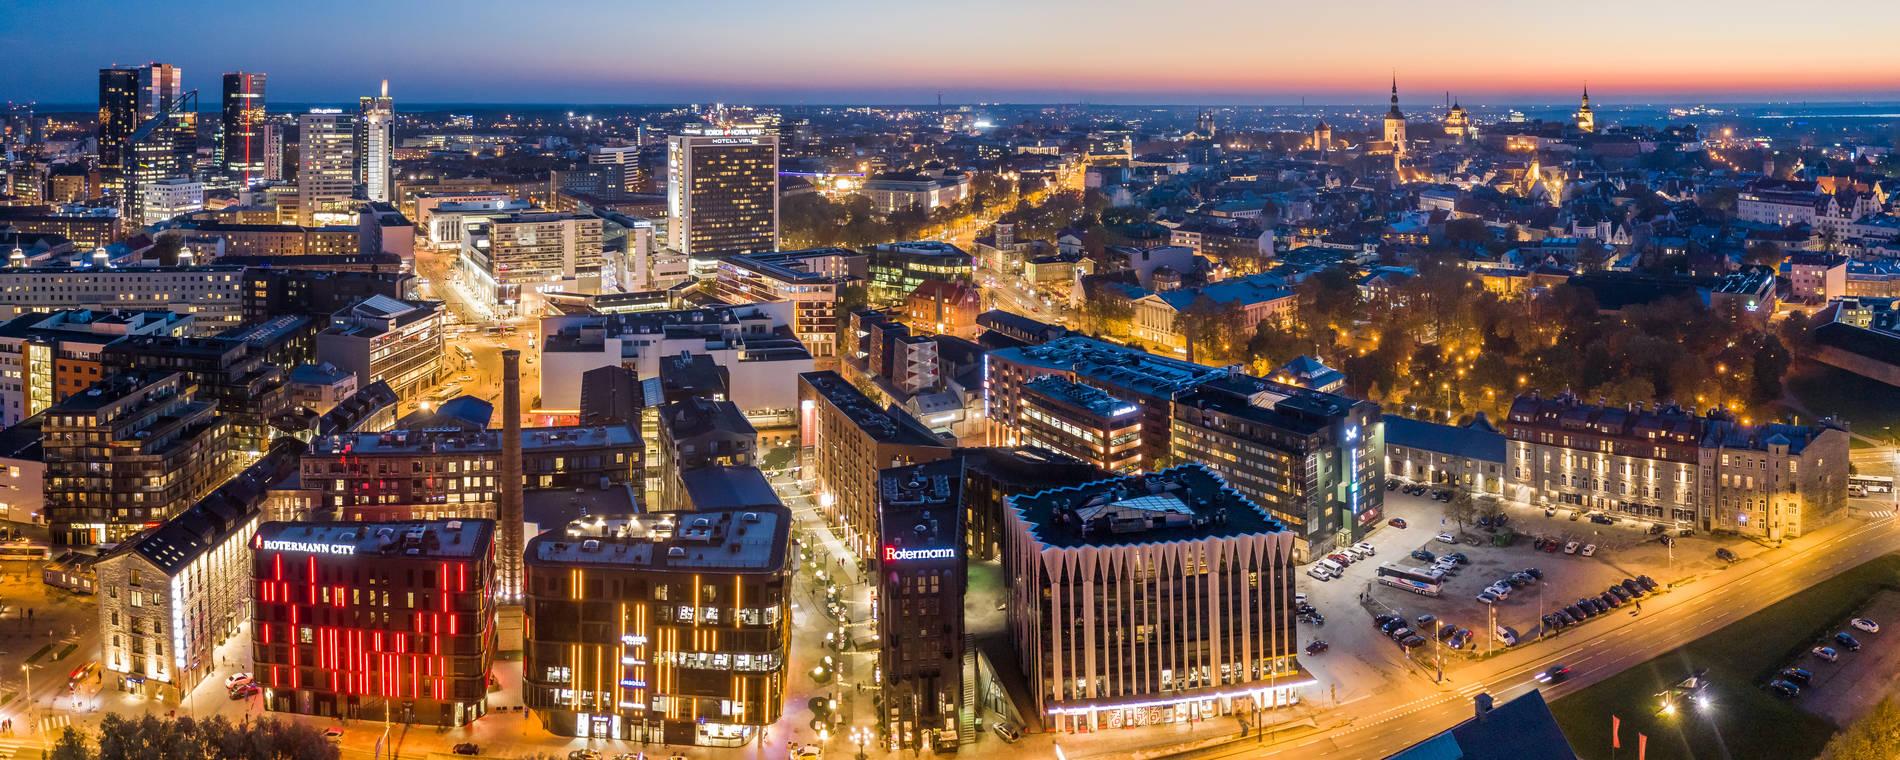 Tallinn city centre at night